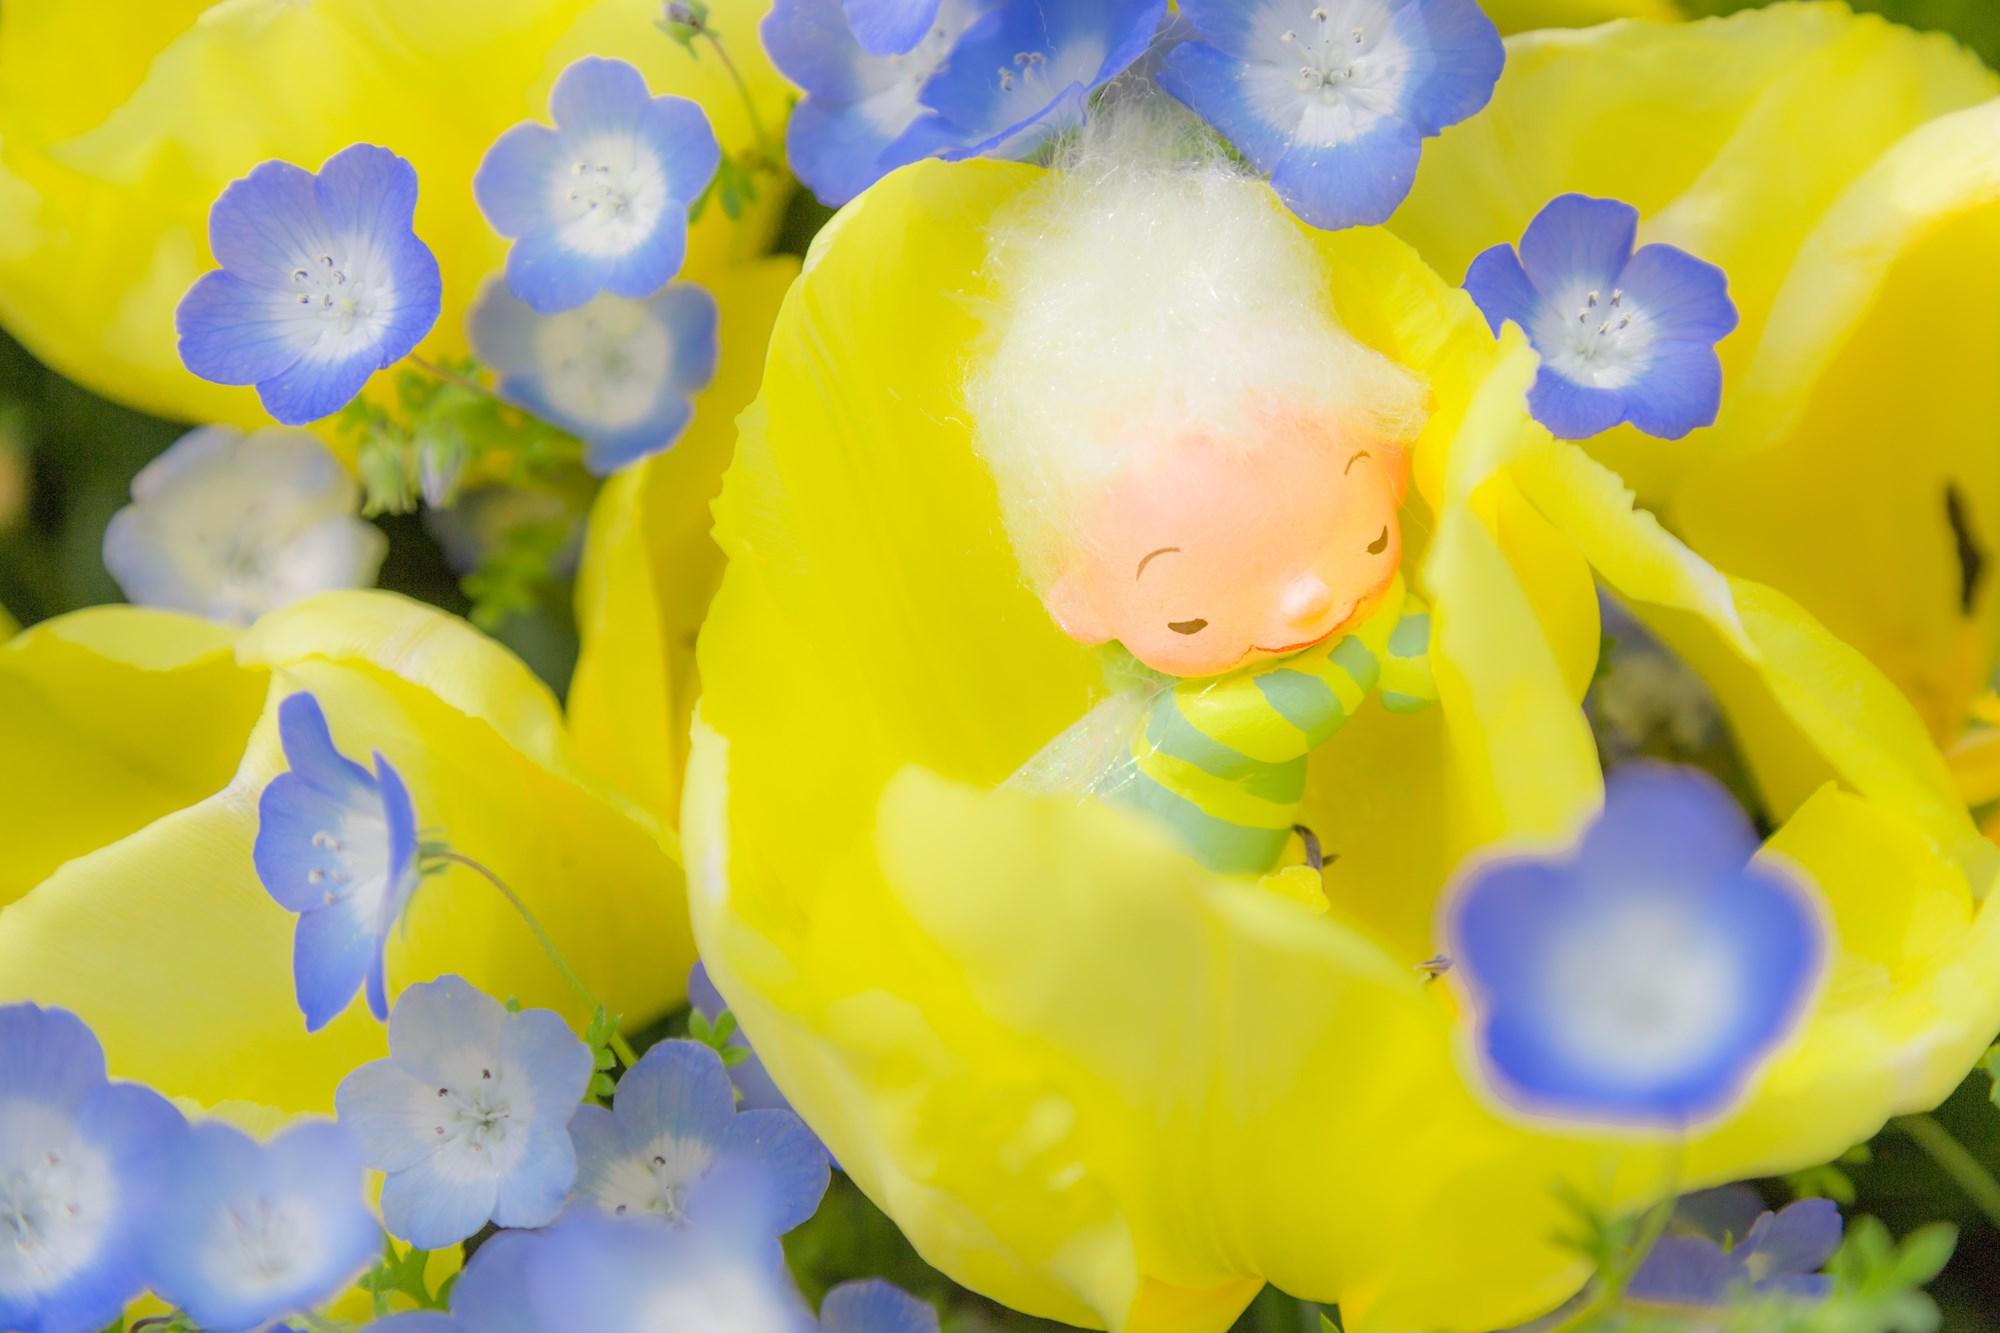 妖精たちの明石冒険物語   明石の間 淡路島の間 _f0072976_20553229.jpg